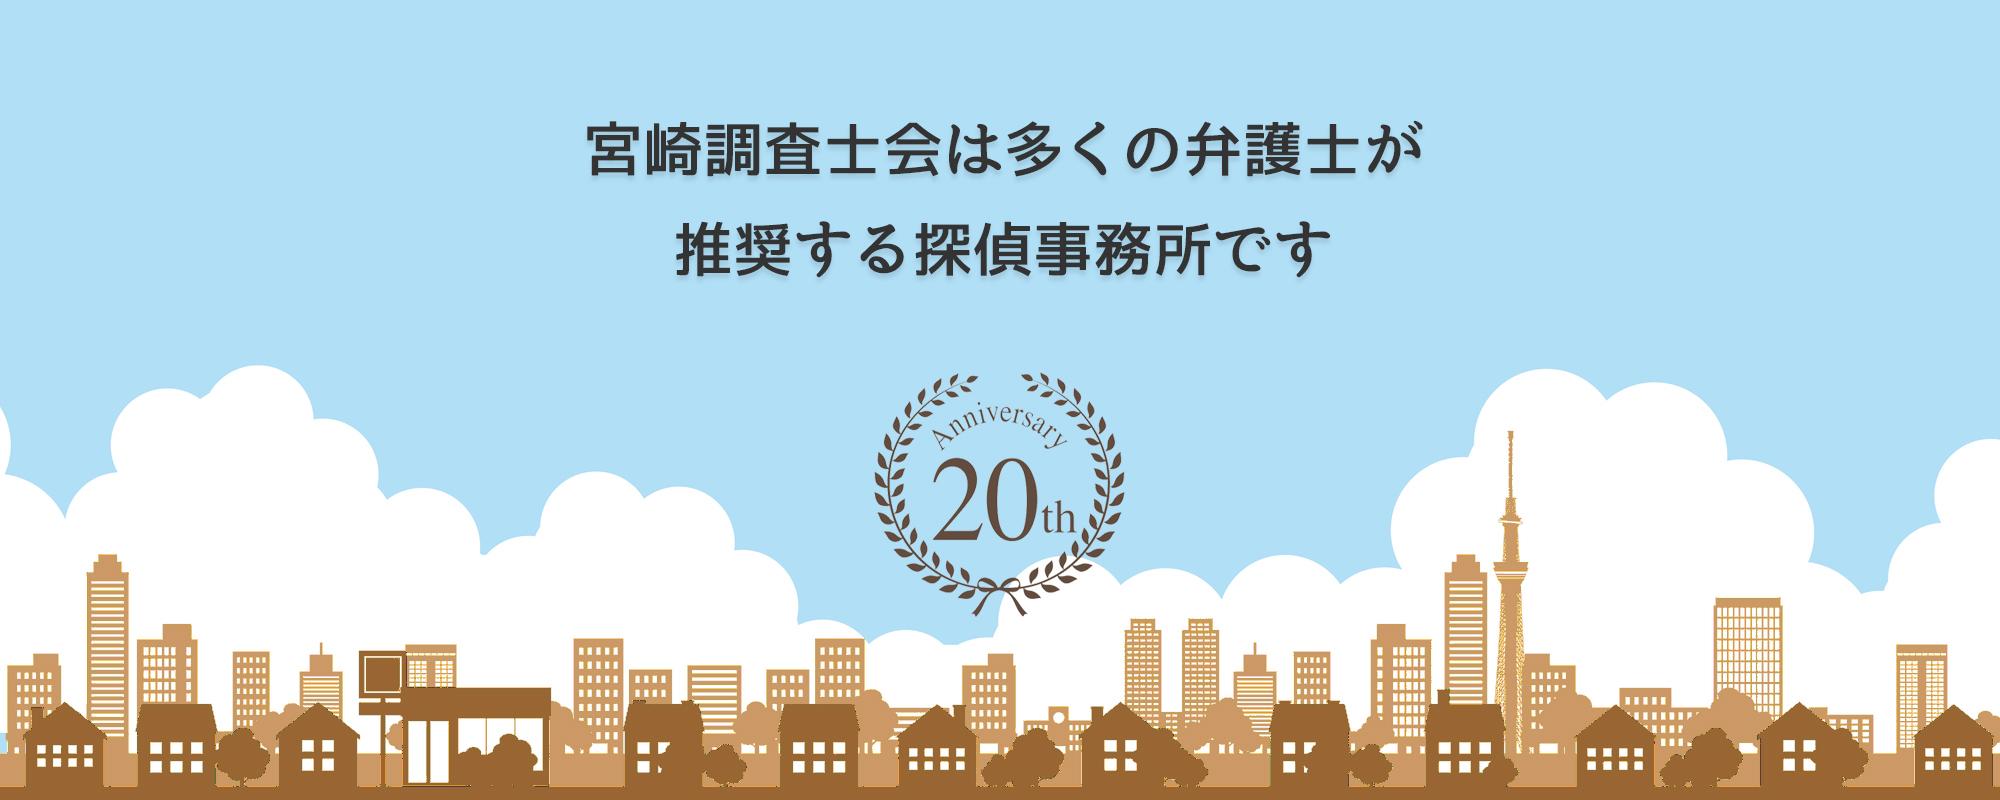 宮崎相談室は多くの弁護士事務所に推奨されています。